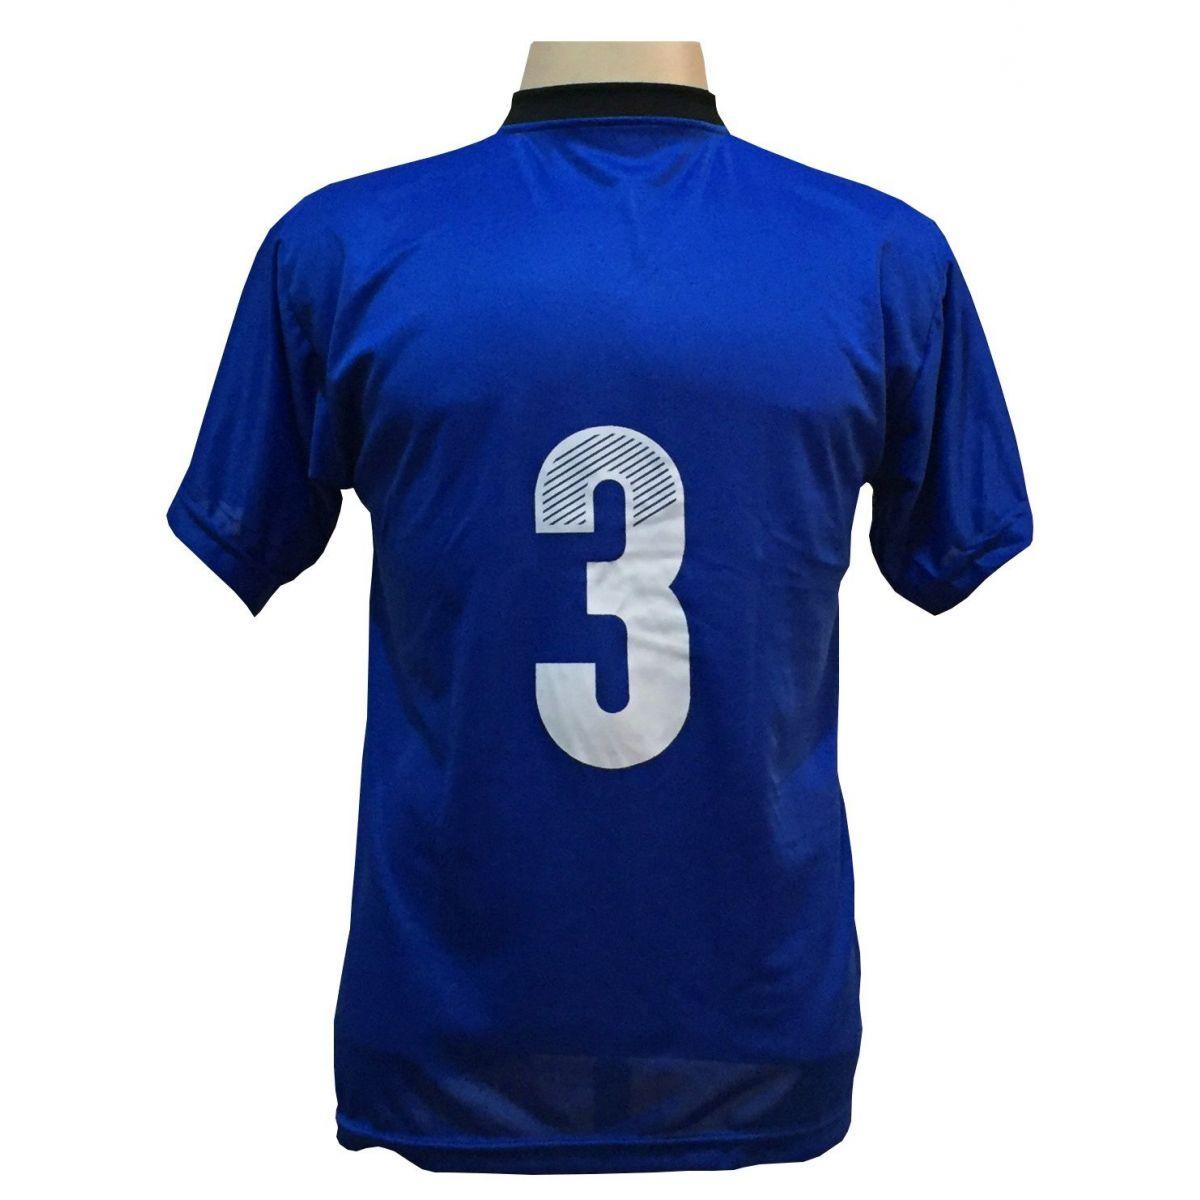 Uniforme Completo - Modelo Roma Royal/Preto 12+1 (12 camisas + 12 calções + 13 pares de meiões + 1 conjunto de goleiro) - Frete Grátis Brasil + Brindes